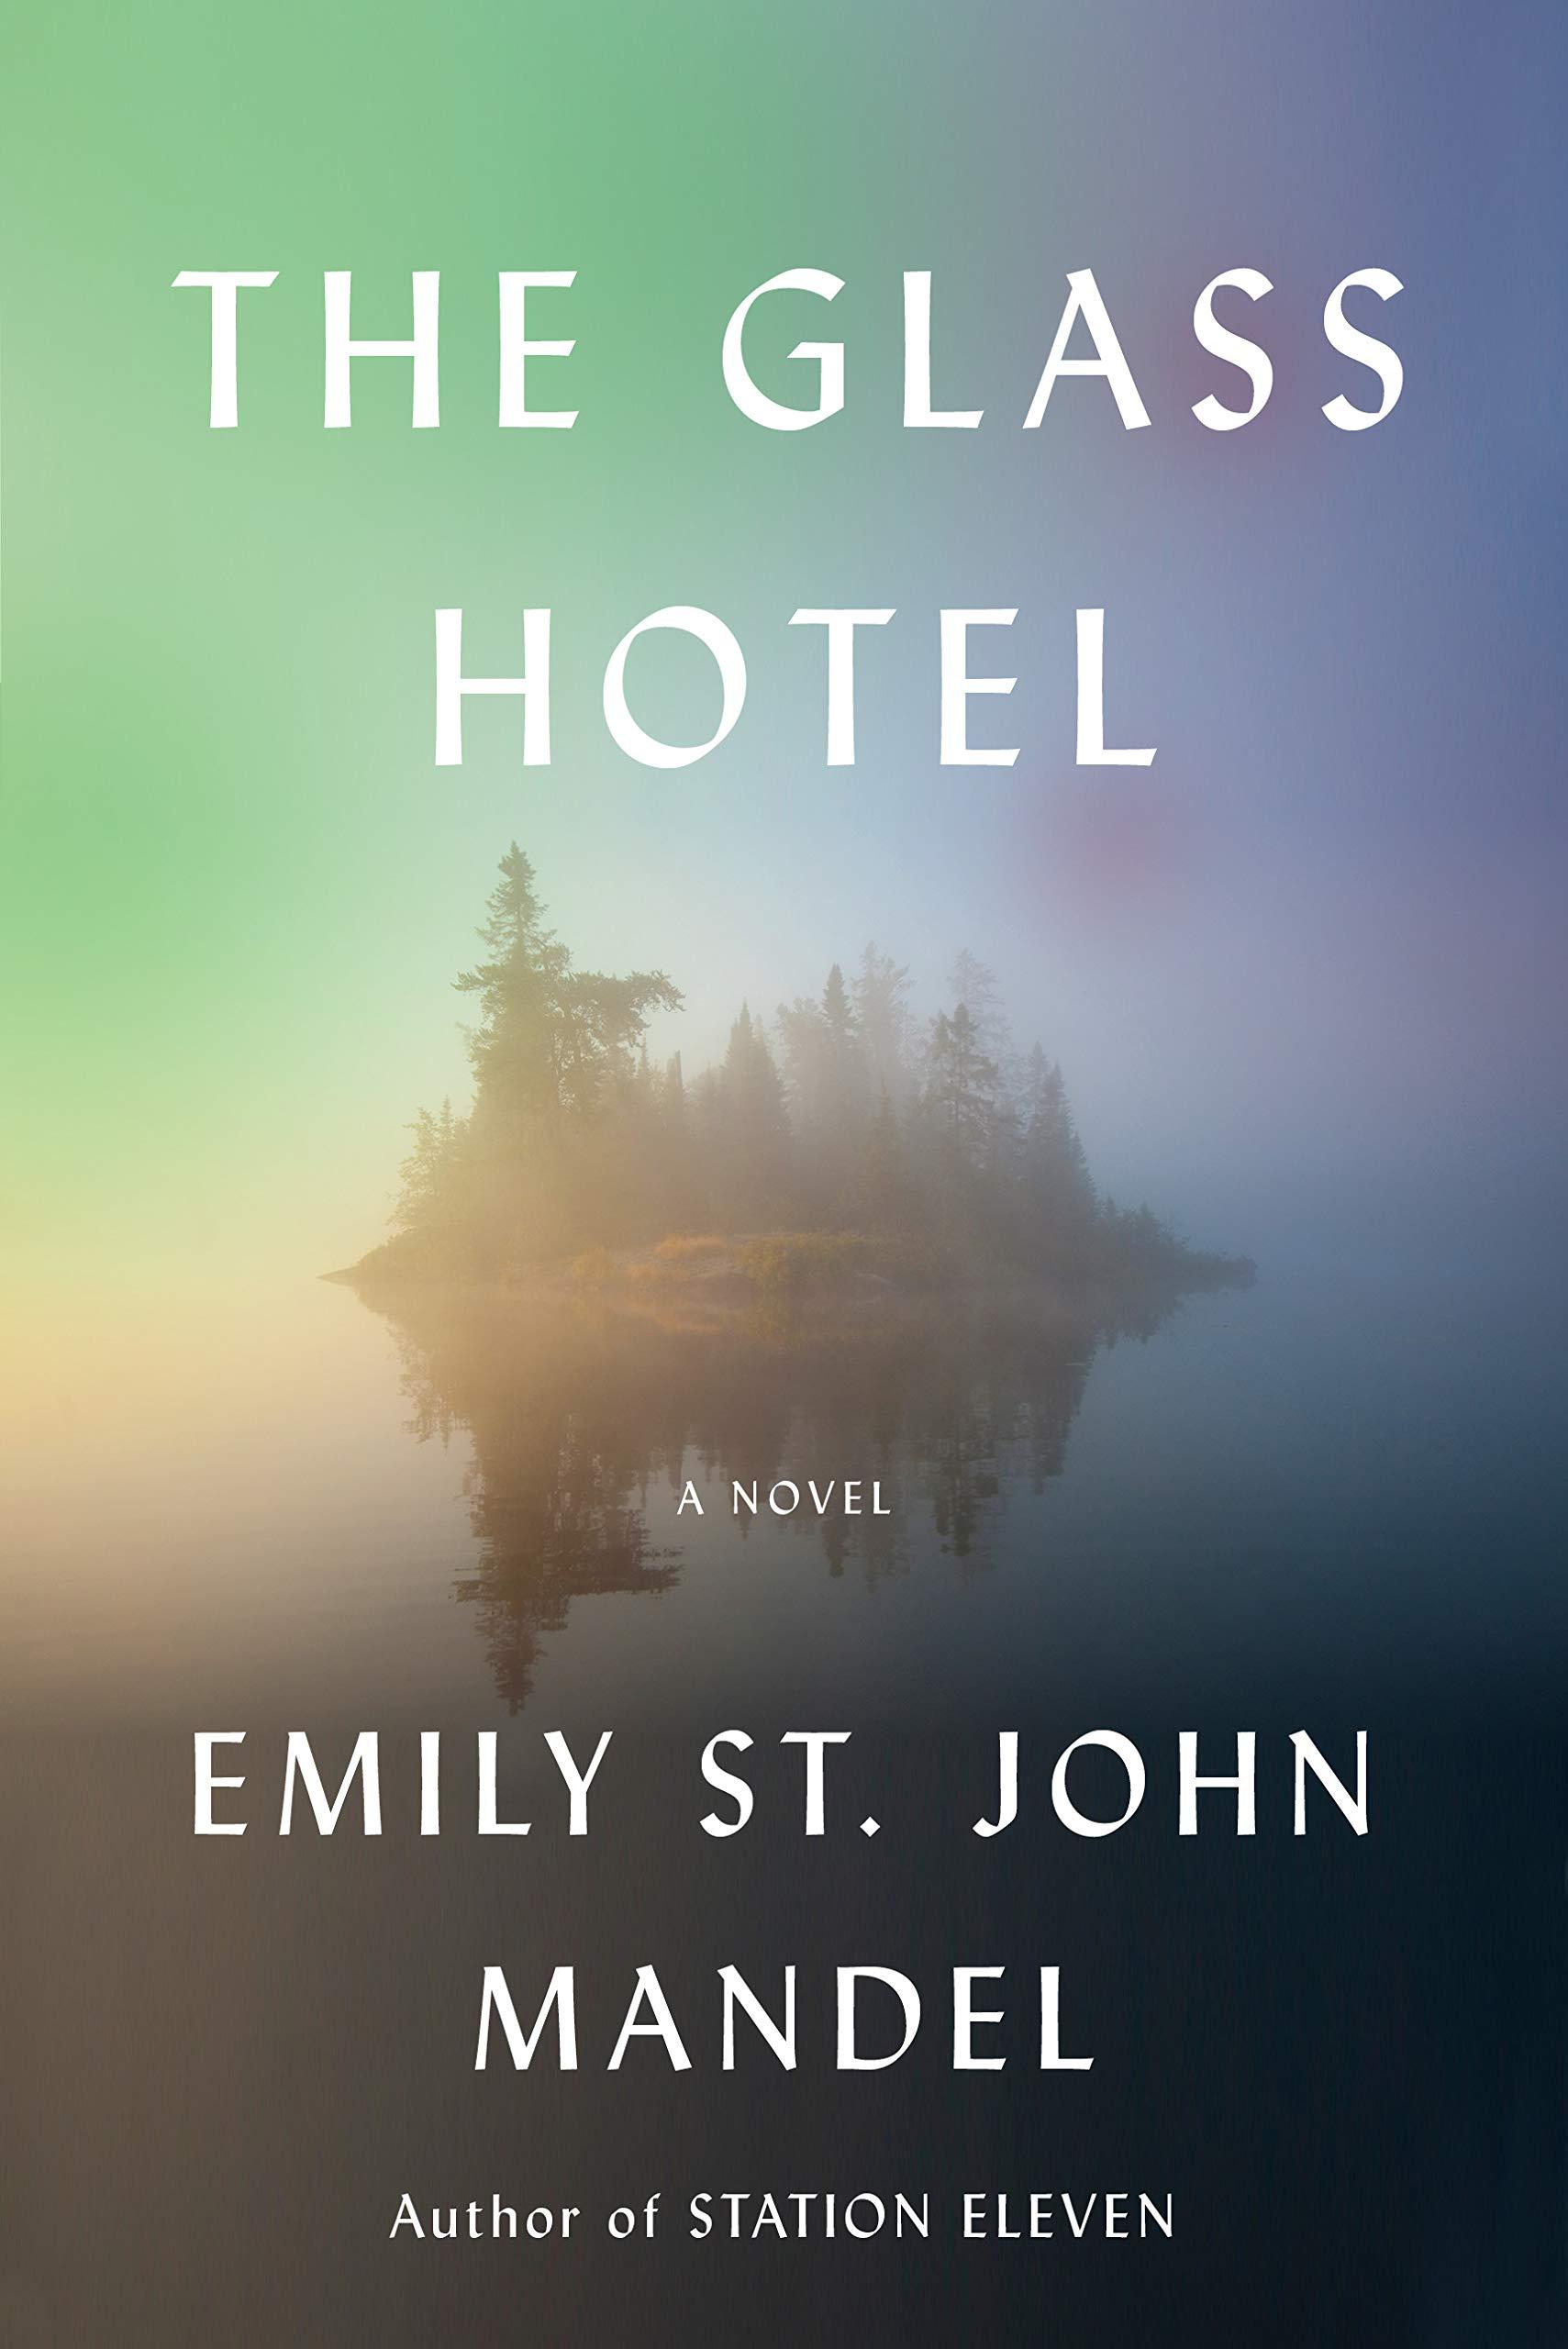 Emily St. John Mandel,The Glass Hotel